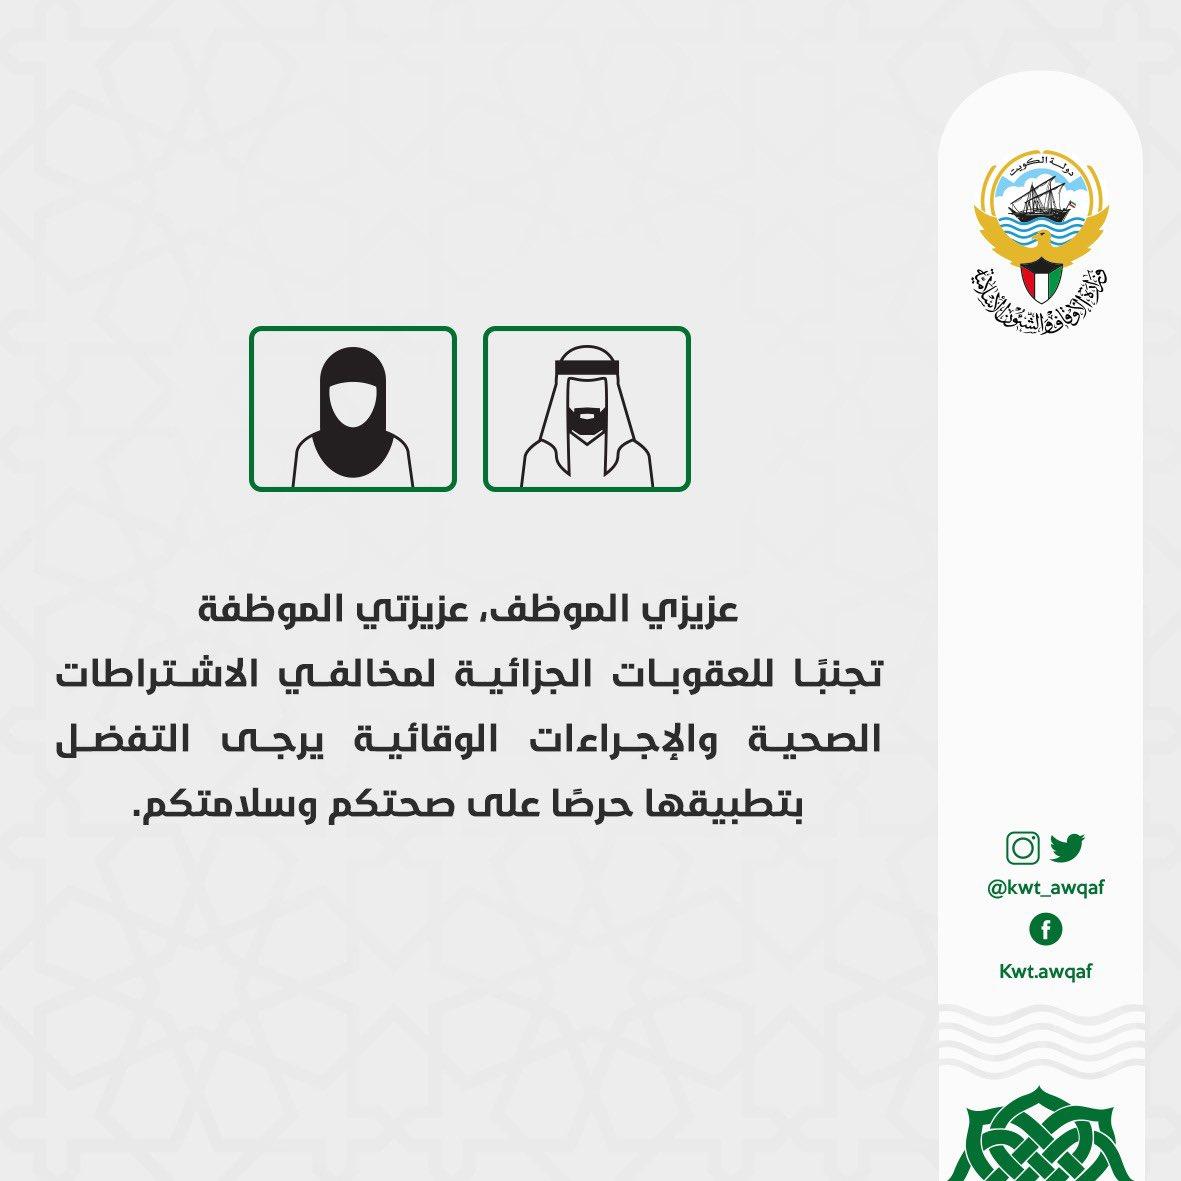 وزارة الأوقاف والشؤون الإسلامية على تويتر الأوقاف الكويت